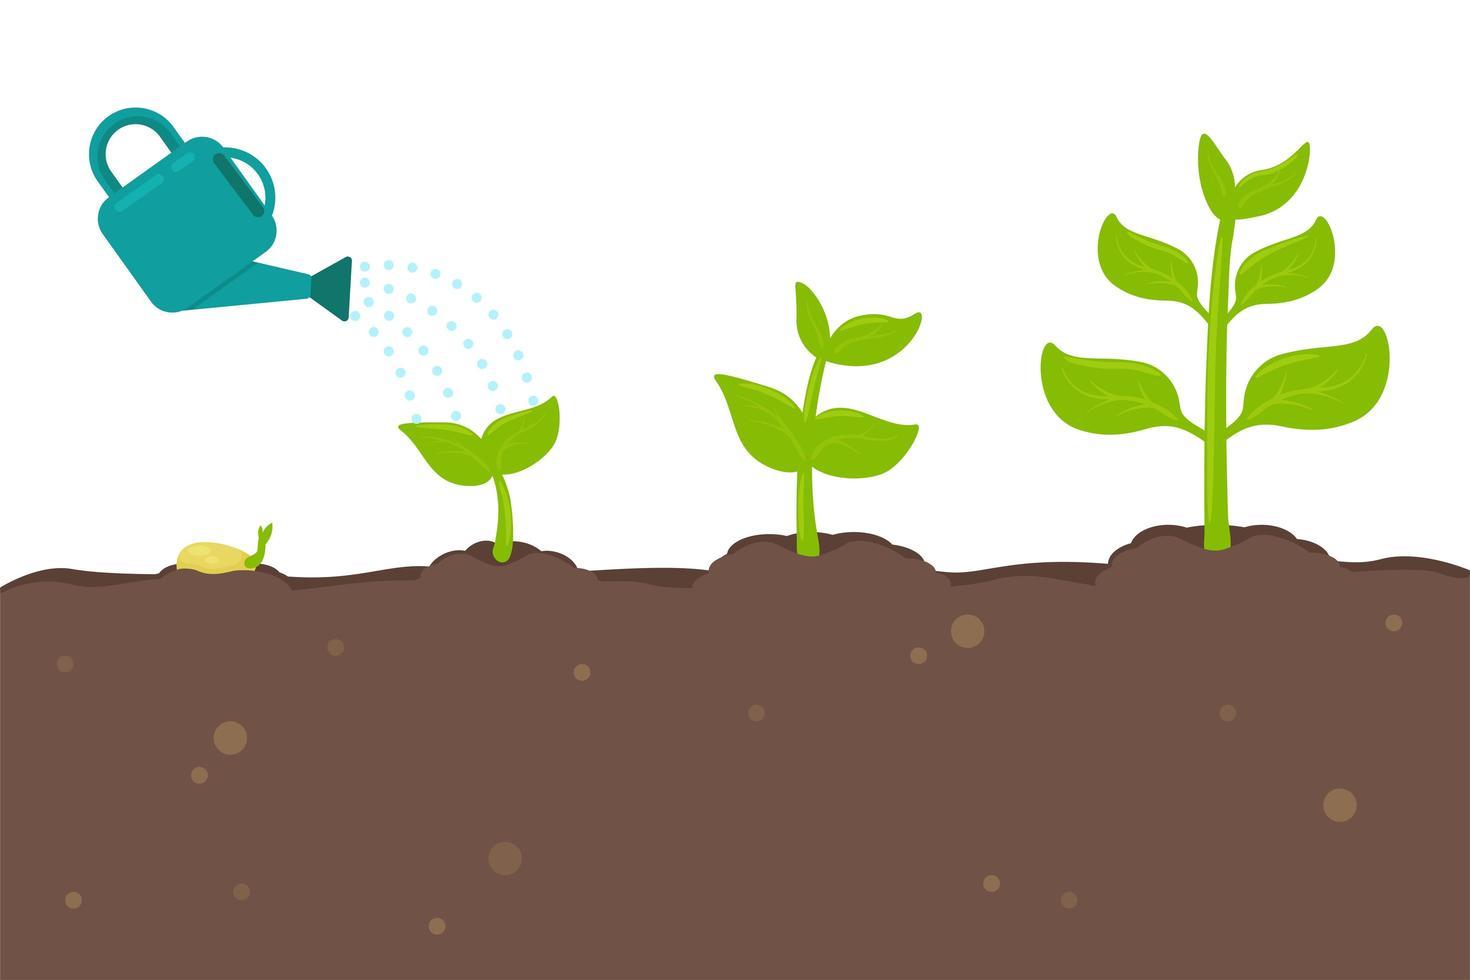 plantas que brotam de sementes vetor